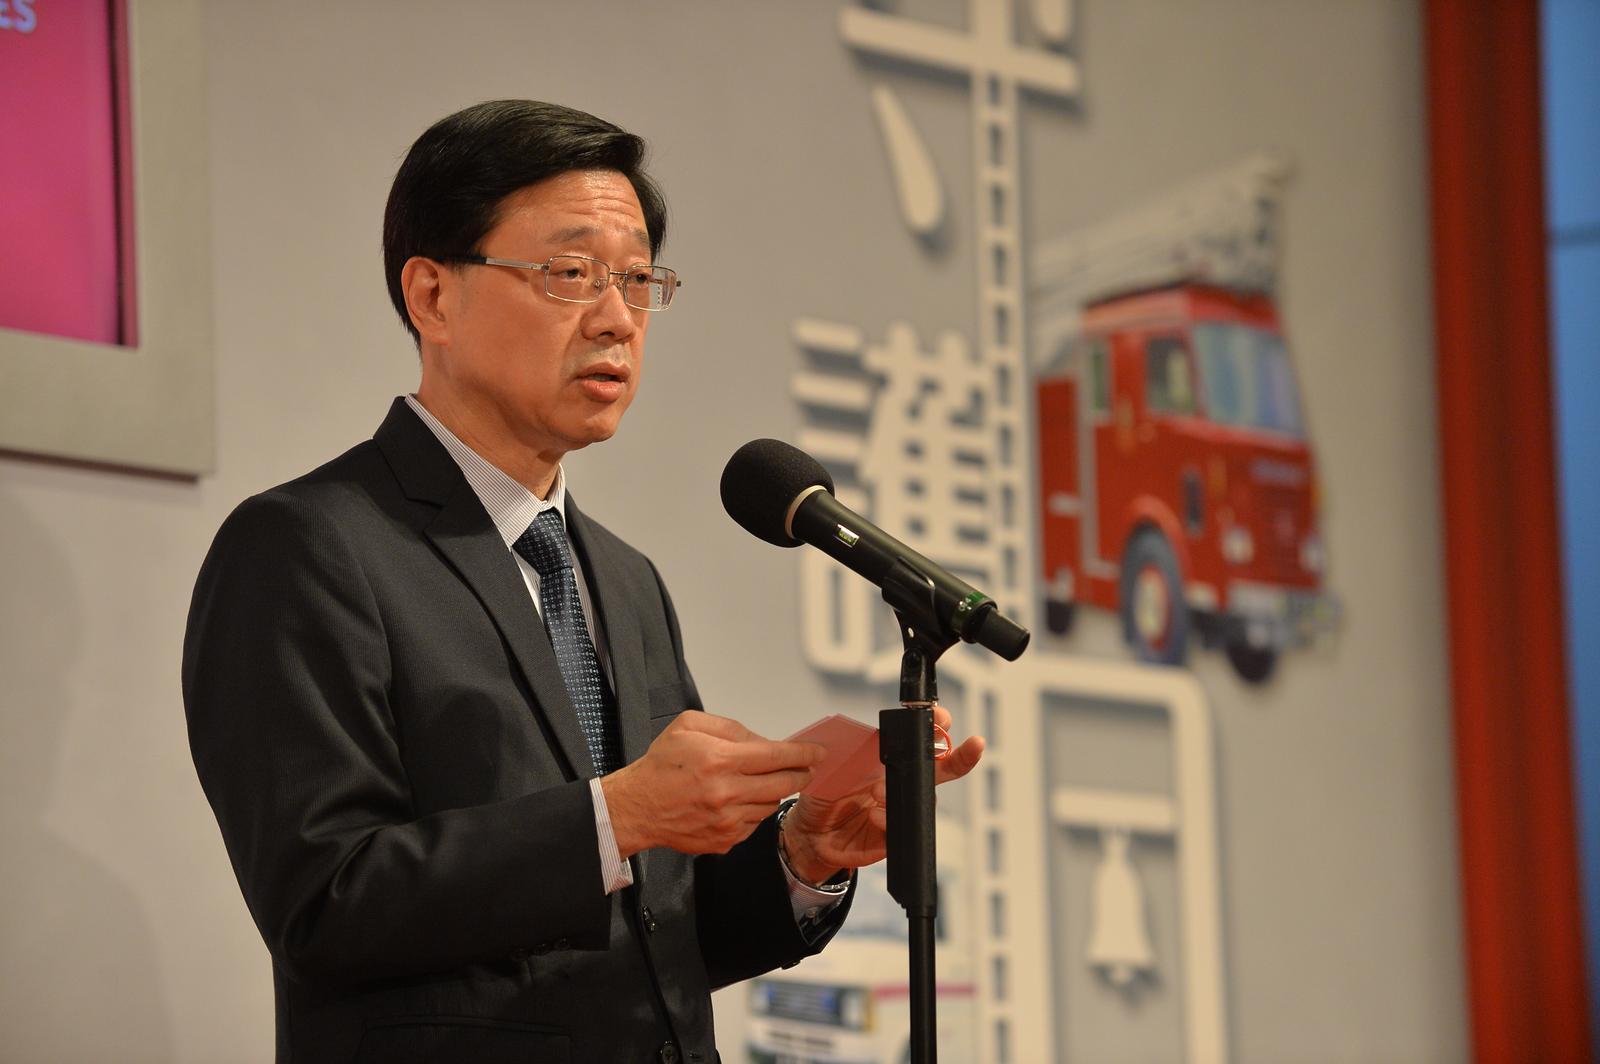 李家超表示,10月期間將展開跨部門會議,針對風災的善後工作。郭顯熙攝